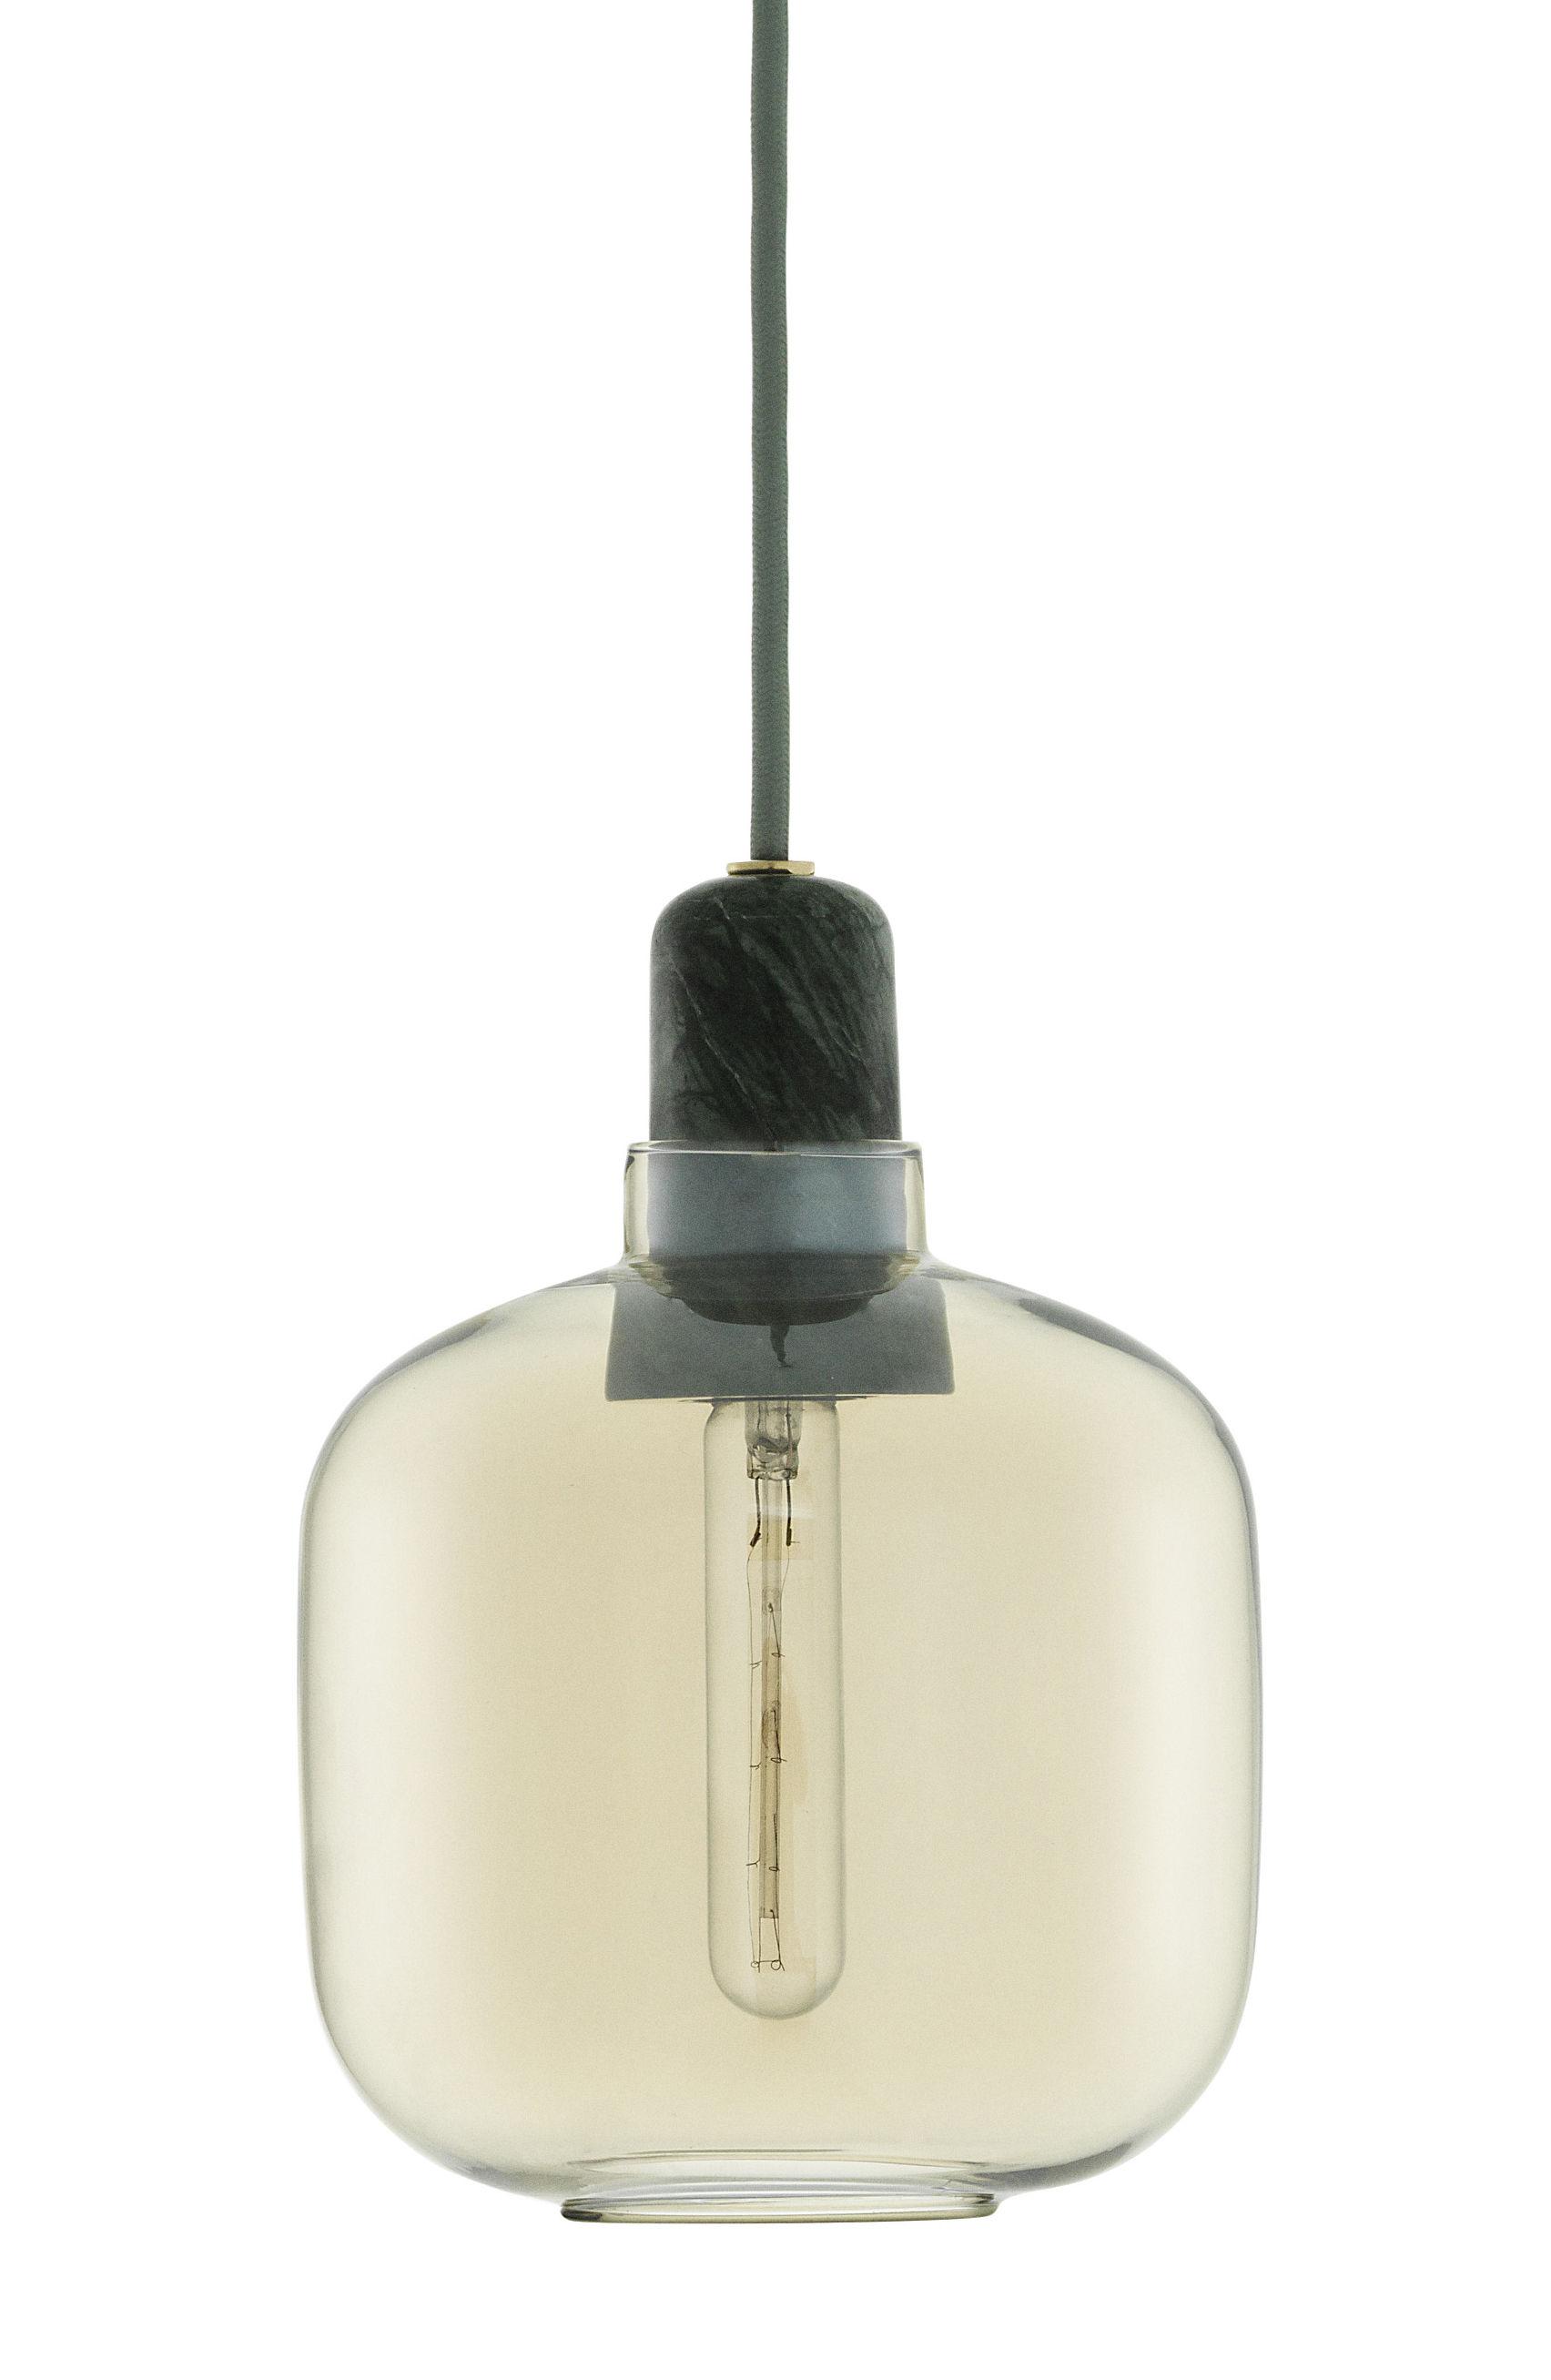 Leuchten - Pendelleuchten - Amp Small Pendelleuchte / Ø 14 x H 17 cm - Normann Copenhagen - Goldfarben / Marmor jadegrün - Glas, Marmor